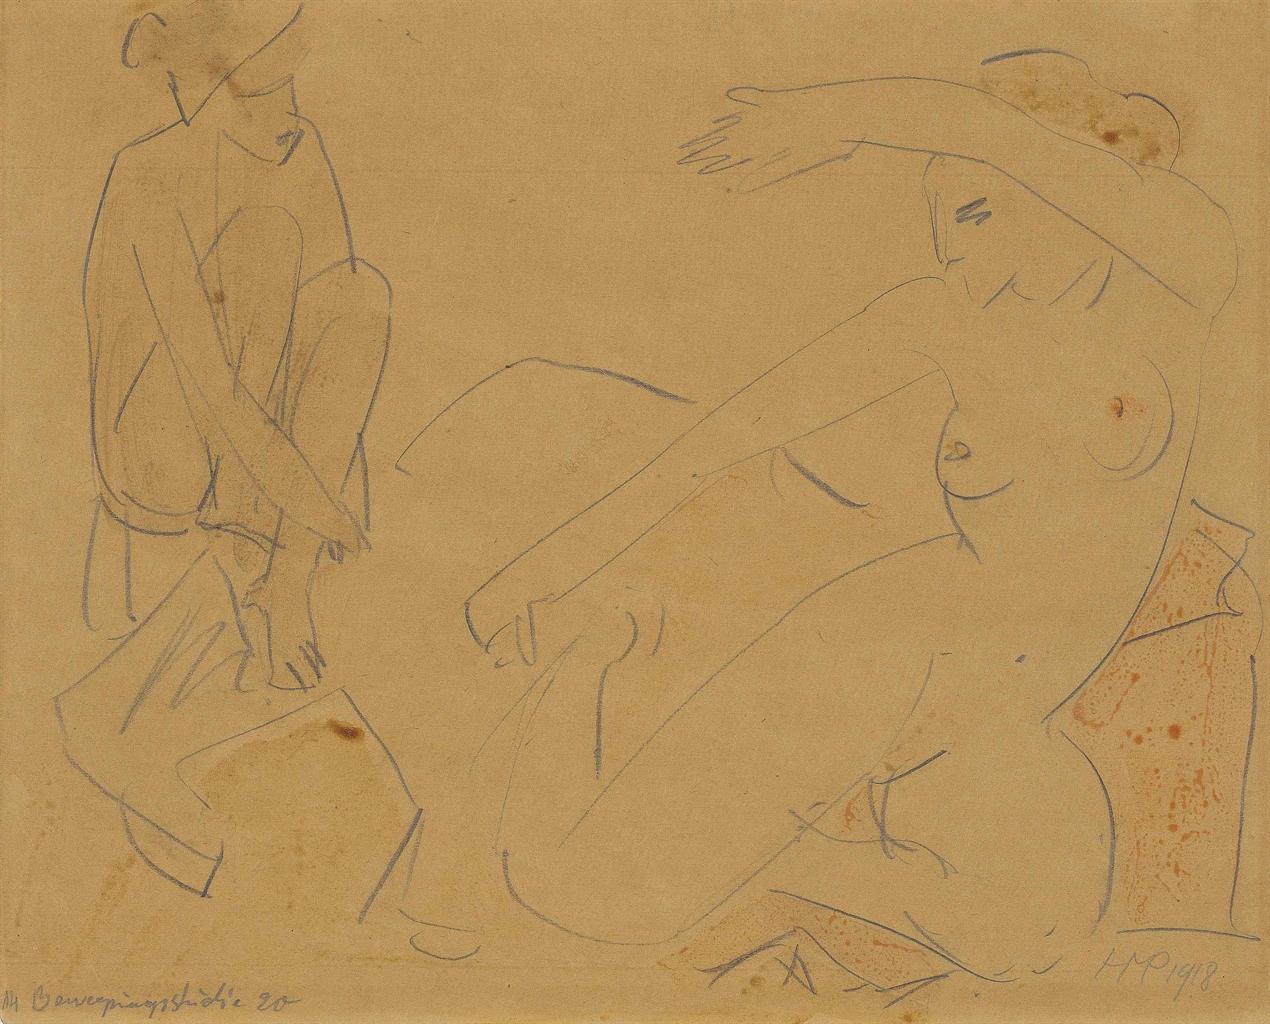 Max Pechstein-Bewegungsstudie 20-1918